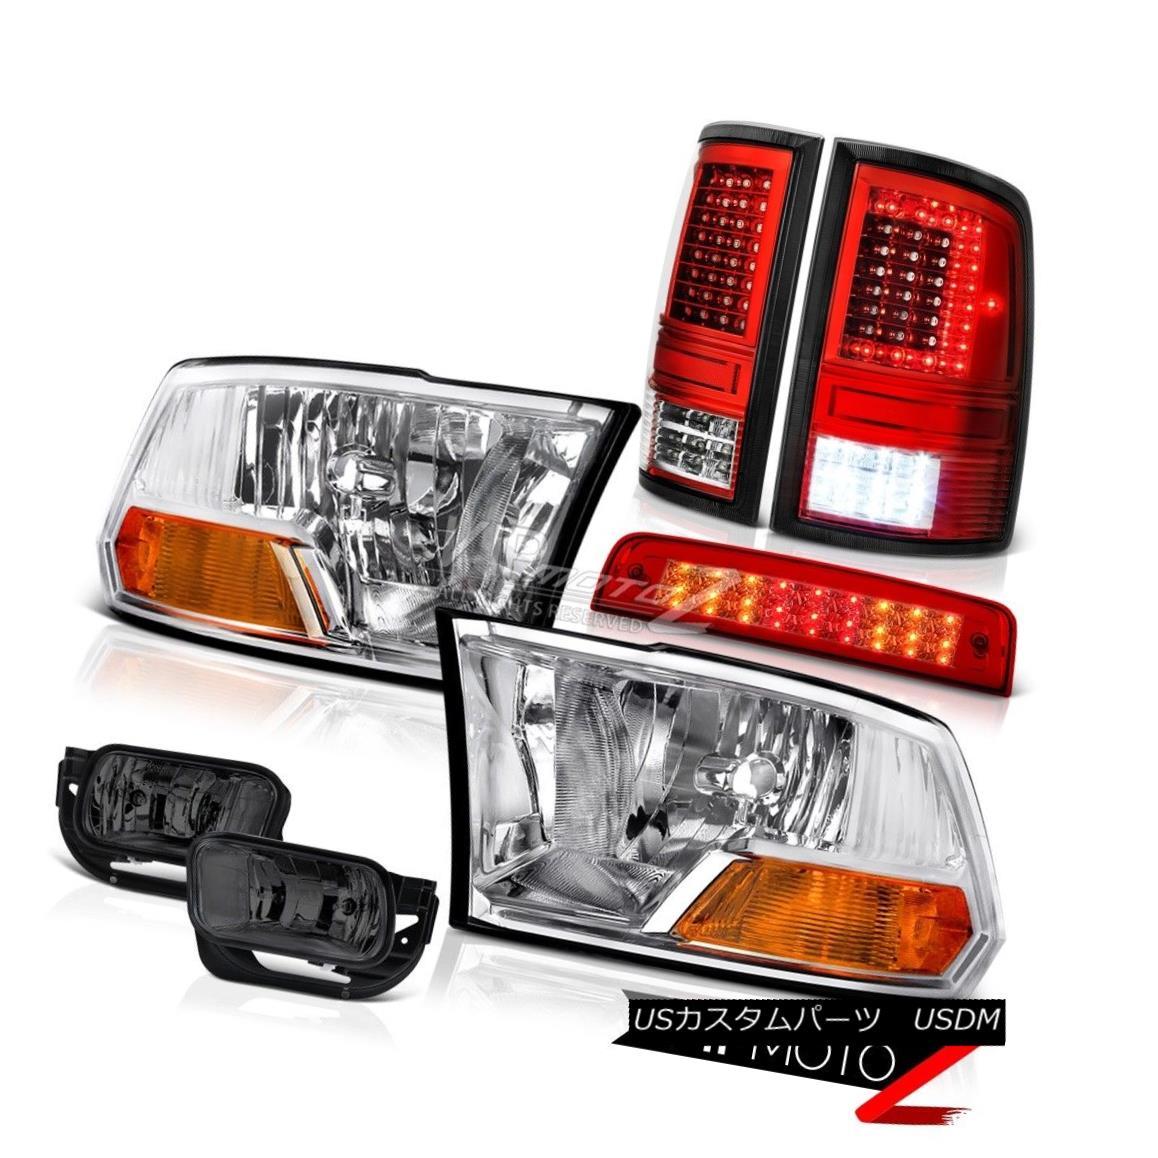 ヘッドライト 09-14 15-17 Dodge RAM 3500 Tail Lights Brake Light Fog Factory Style Headlamps 09-14 15-17ダッジRAM 3500テールライトブレーキライトフォグ工場スタイルヘッドライト